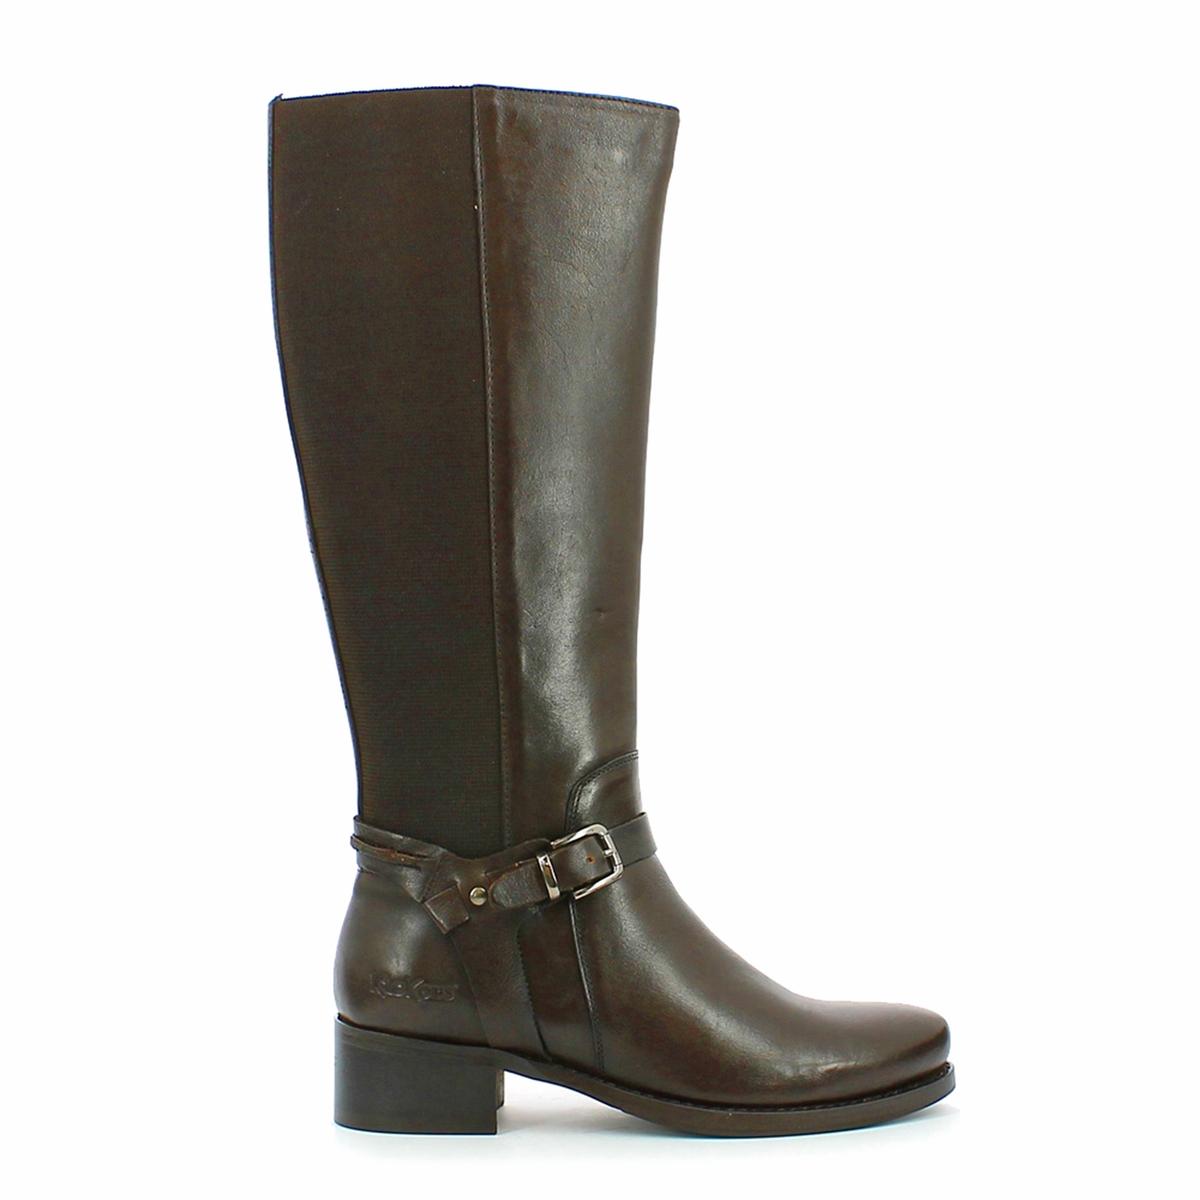 Сапоги кожаные с пряжкой EtriВерх : кожа   Подкладка : текстиль   Стелька : кожа   Подошва : синтетика   Высота голенища : 38 см   Высота каблука : 3,5 см   Застежка : молния<br><br>Цвет: каштановый,черный